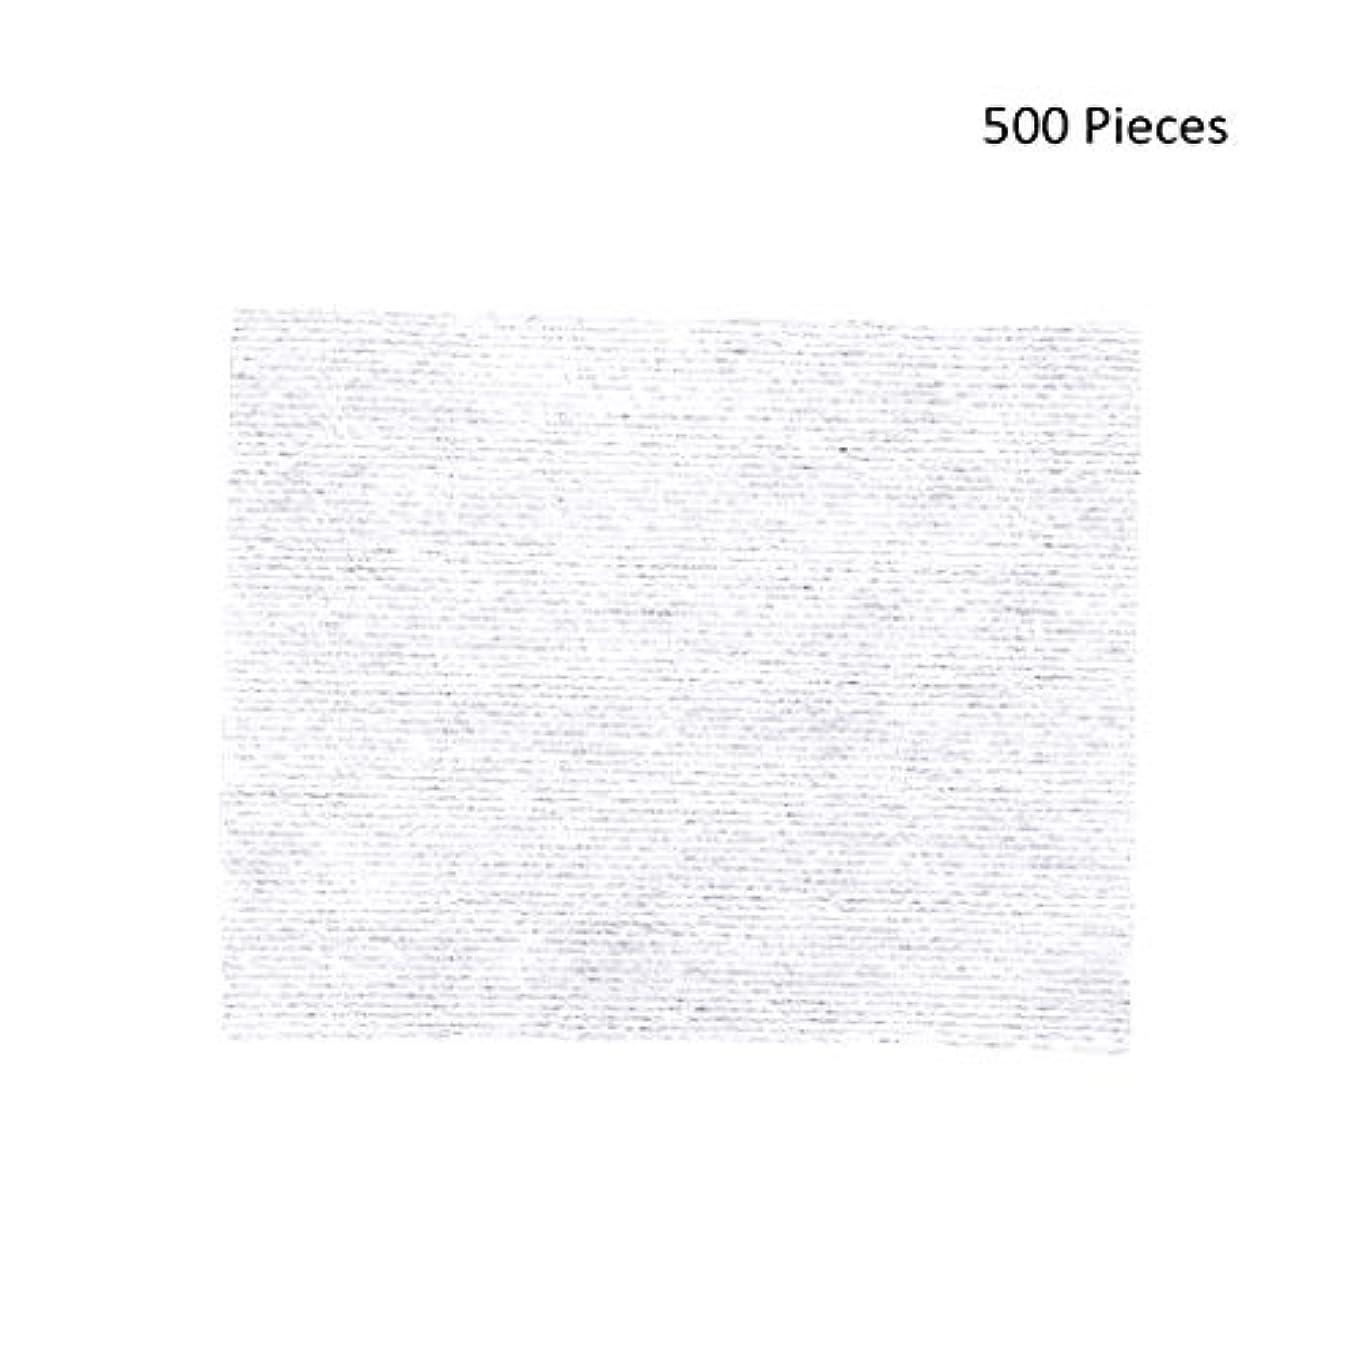 不条理楕円形速度クレンジングシート 500ピースフェイスメイクアップリムーバーメイクワイプコットンパッドメイクアップリムーバーパッドソフトパッド化粧品フェイスマスククレンジングケア 落ち水クレンジング シート モイスト (Color :...